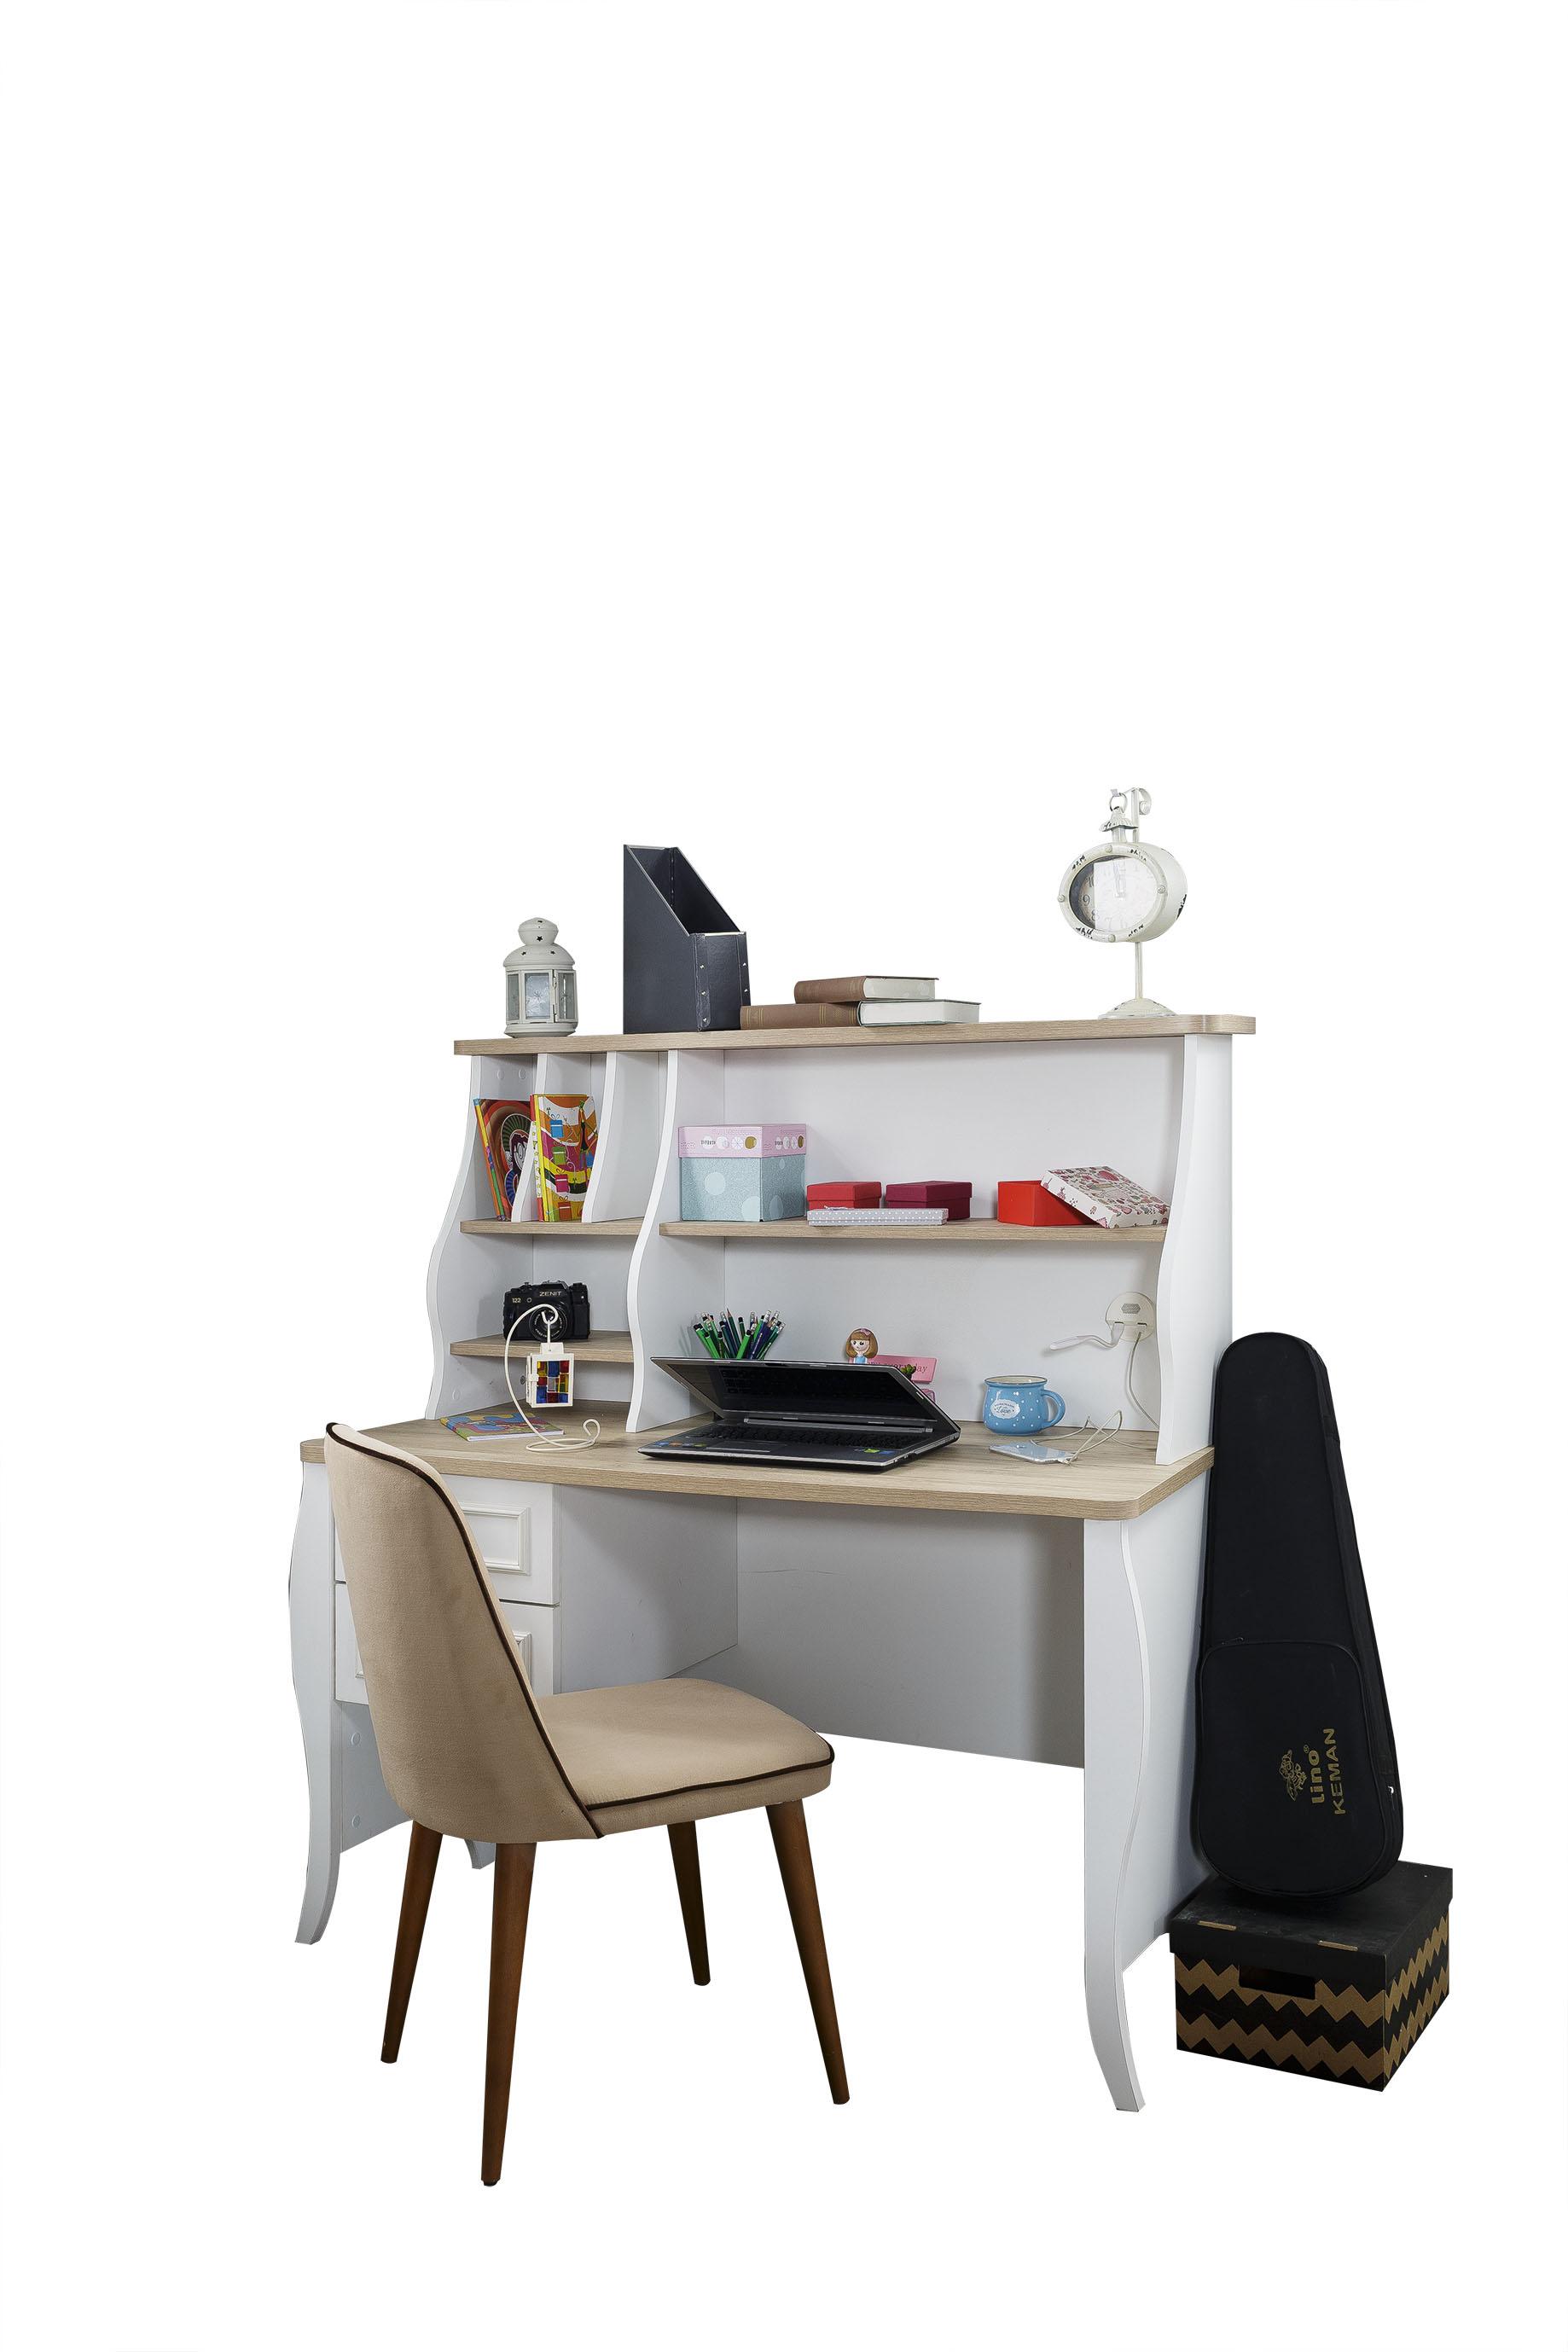 schreibtisch mit ausatz f r kinder und jugendliche. Black Bedroom Furniture Sets. Home Design Ideas